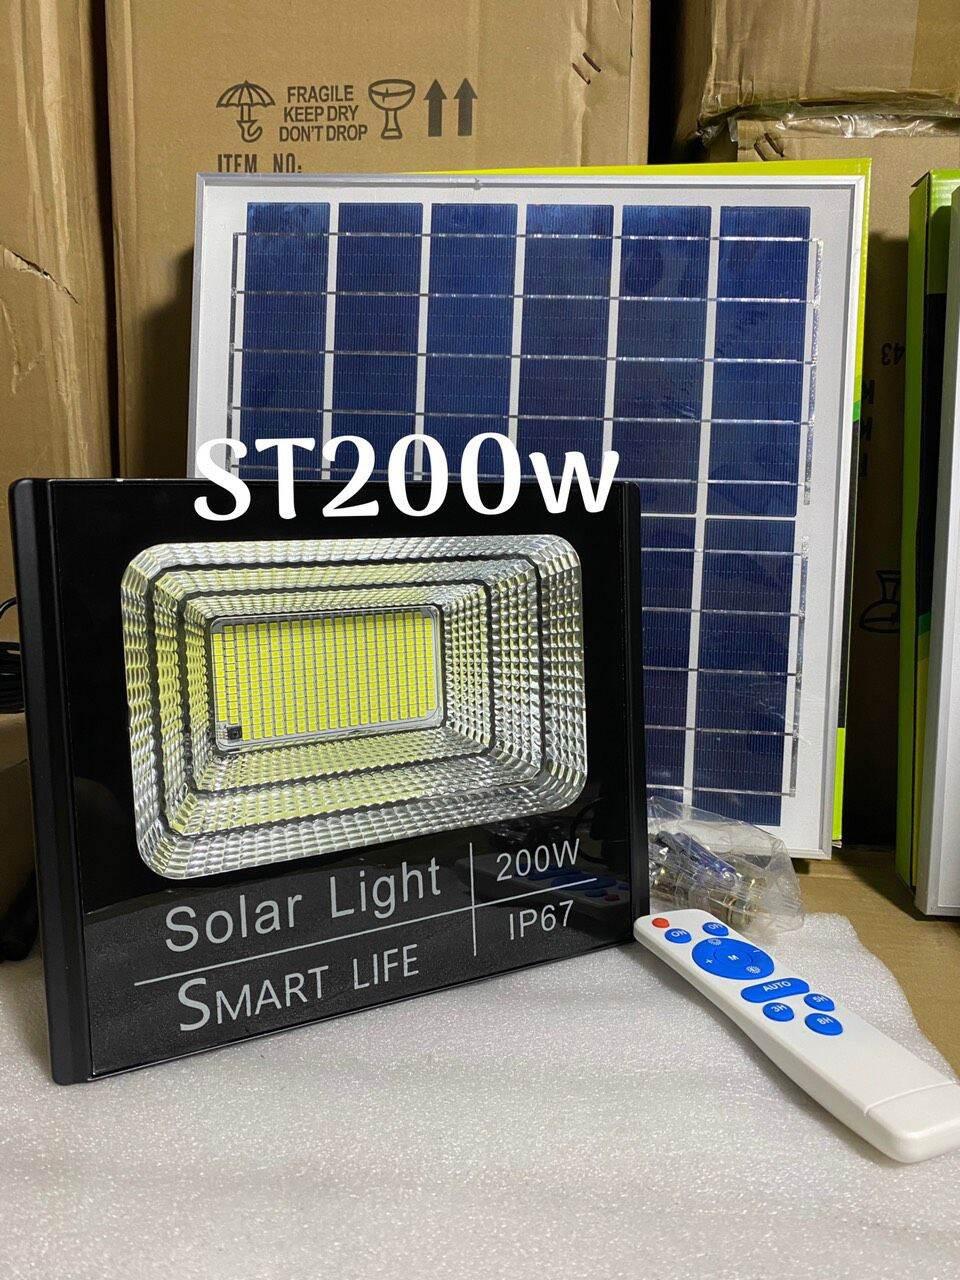 Đèn năng lượng mặt trời 200w chính hãng Solar bảo hành 24 tháng